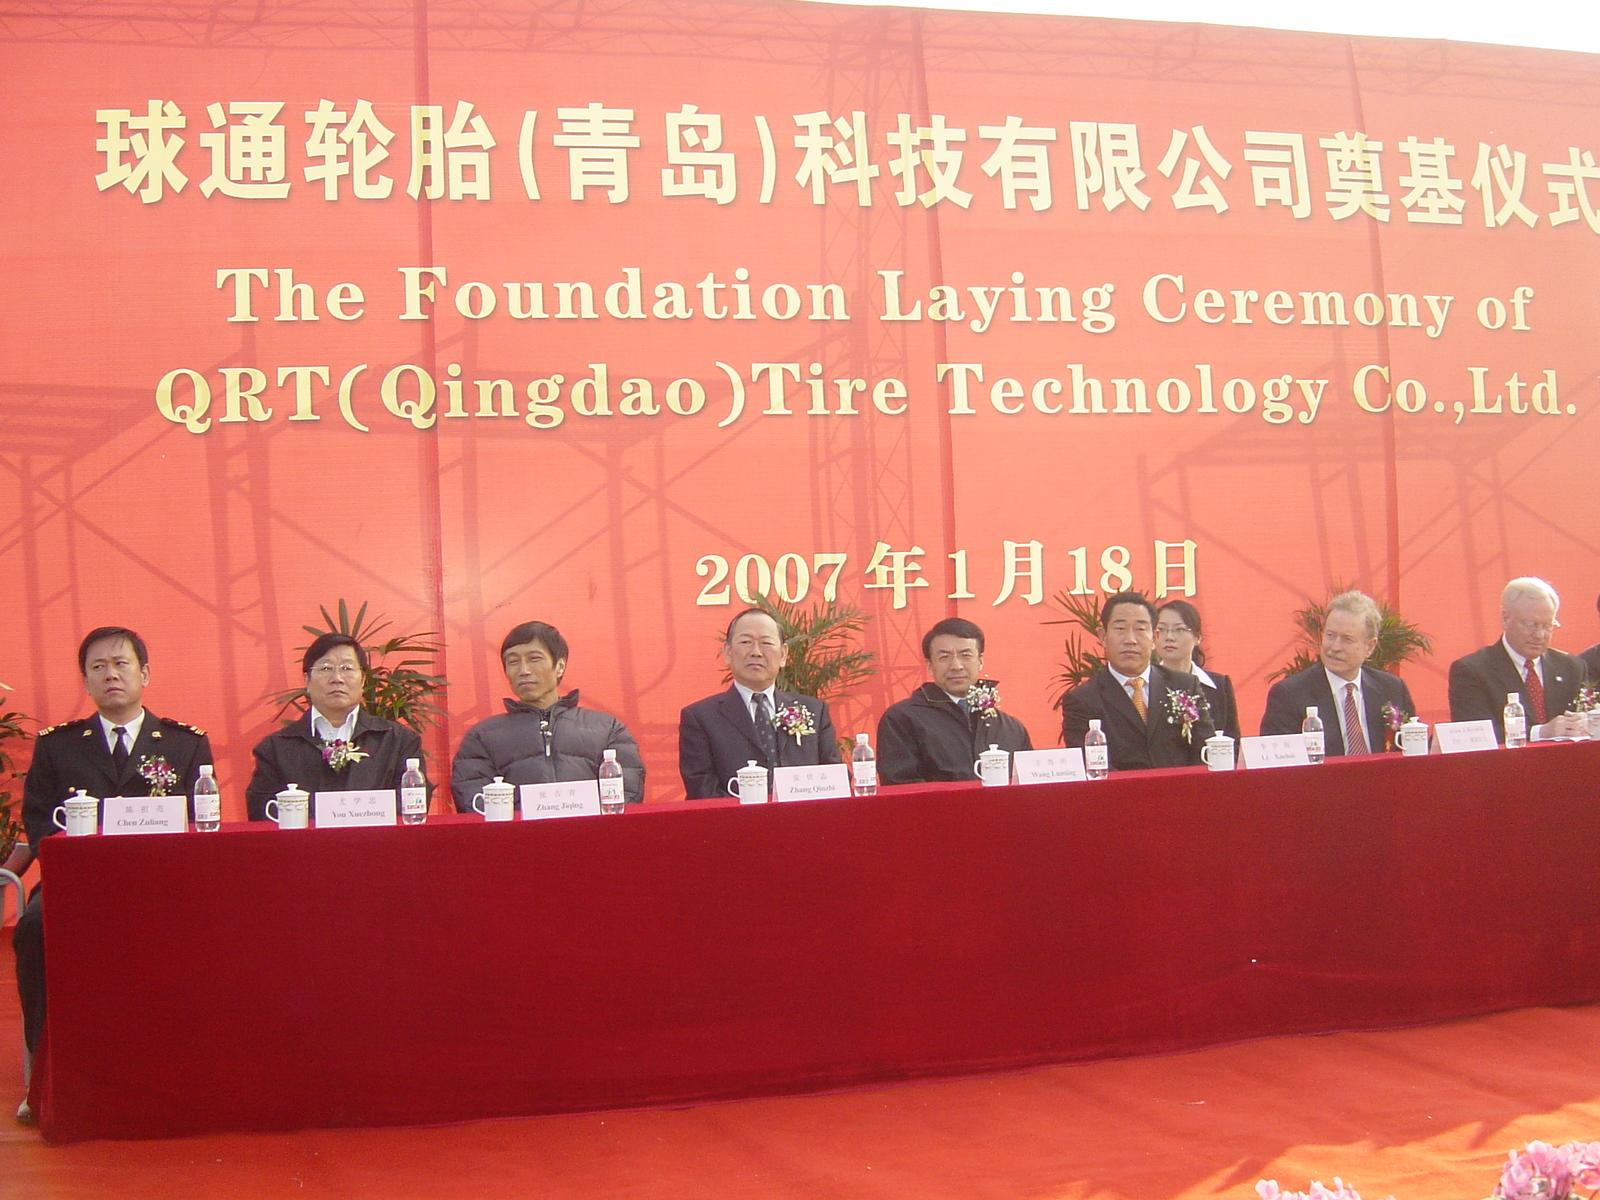 青岛球通轮胎科技有限公司奠基仪式在青岛出口加工区